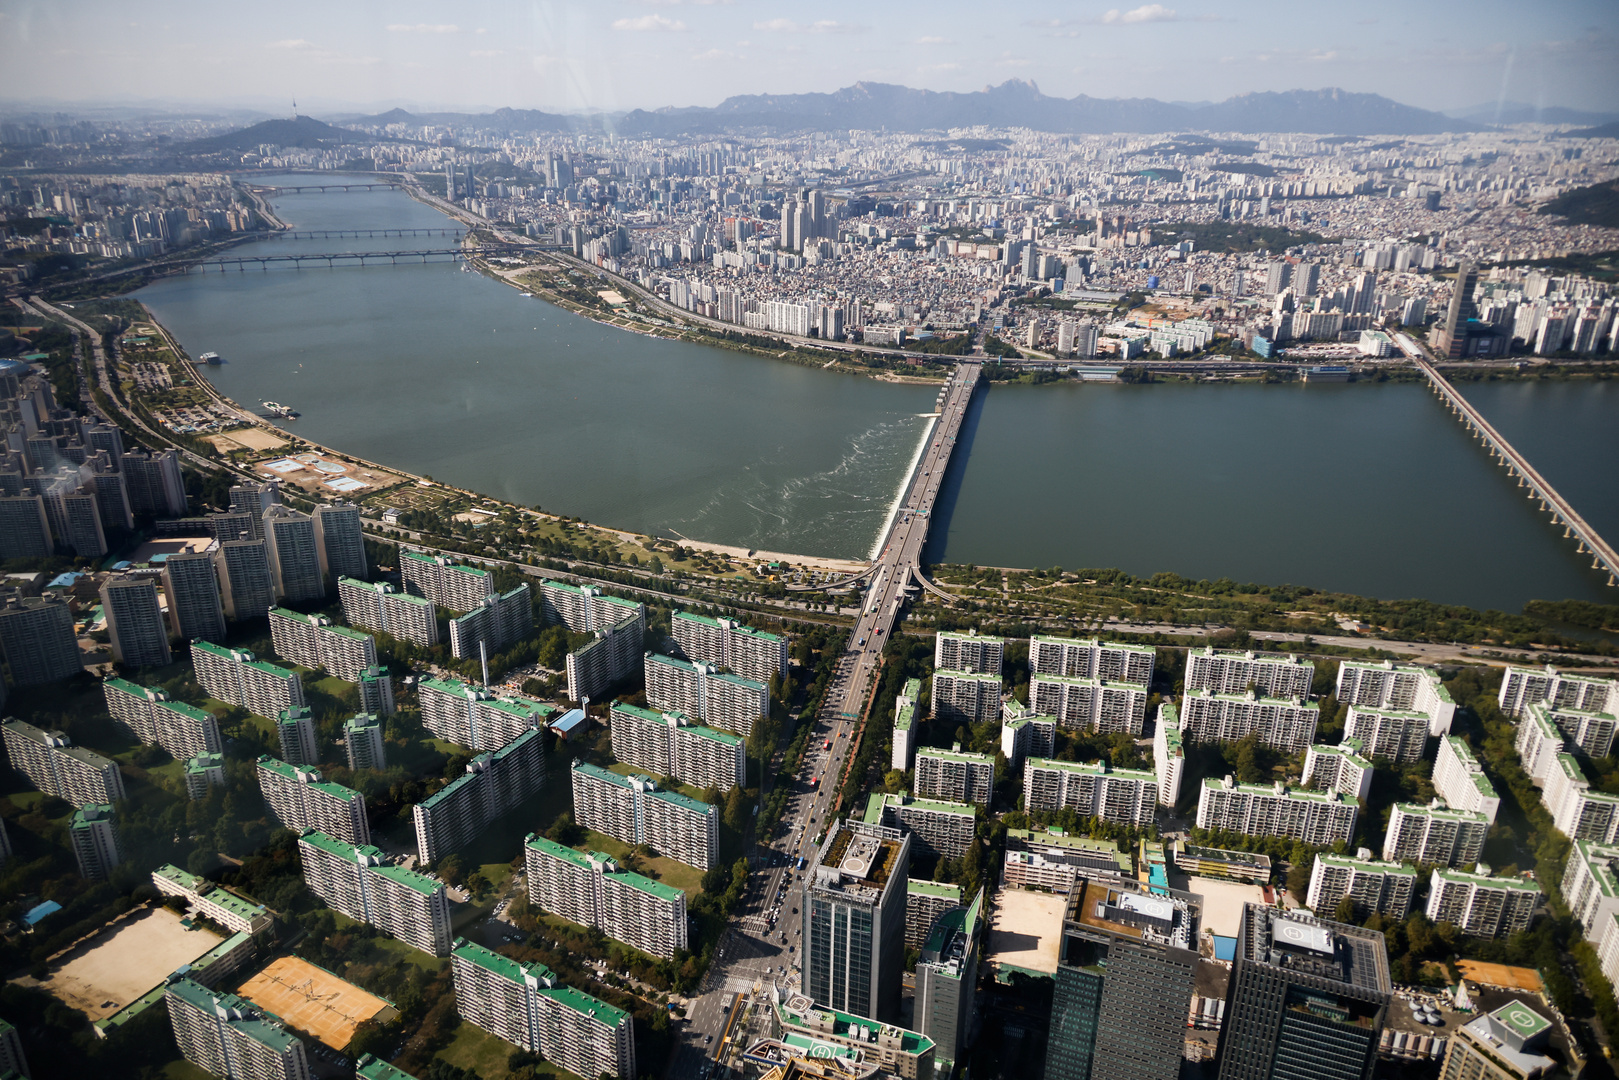 كوريا الجنوبية.. الحزب الحاكم يحدد شرطا لعفو رئاسي عن رئيسين سابقين للبلاد